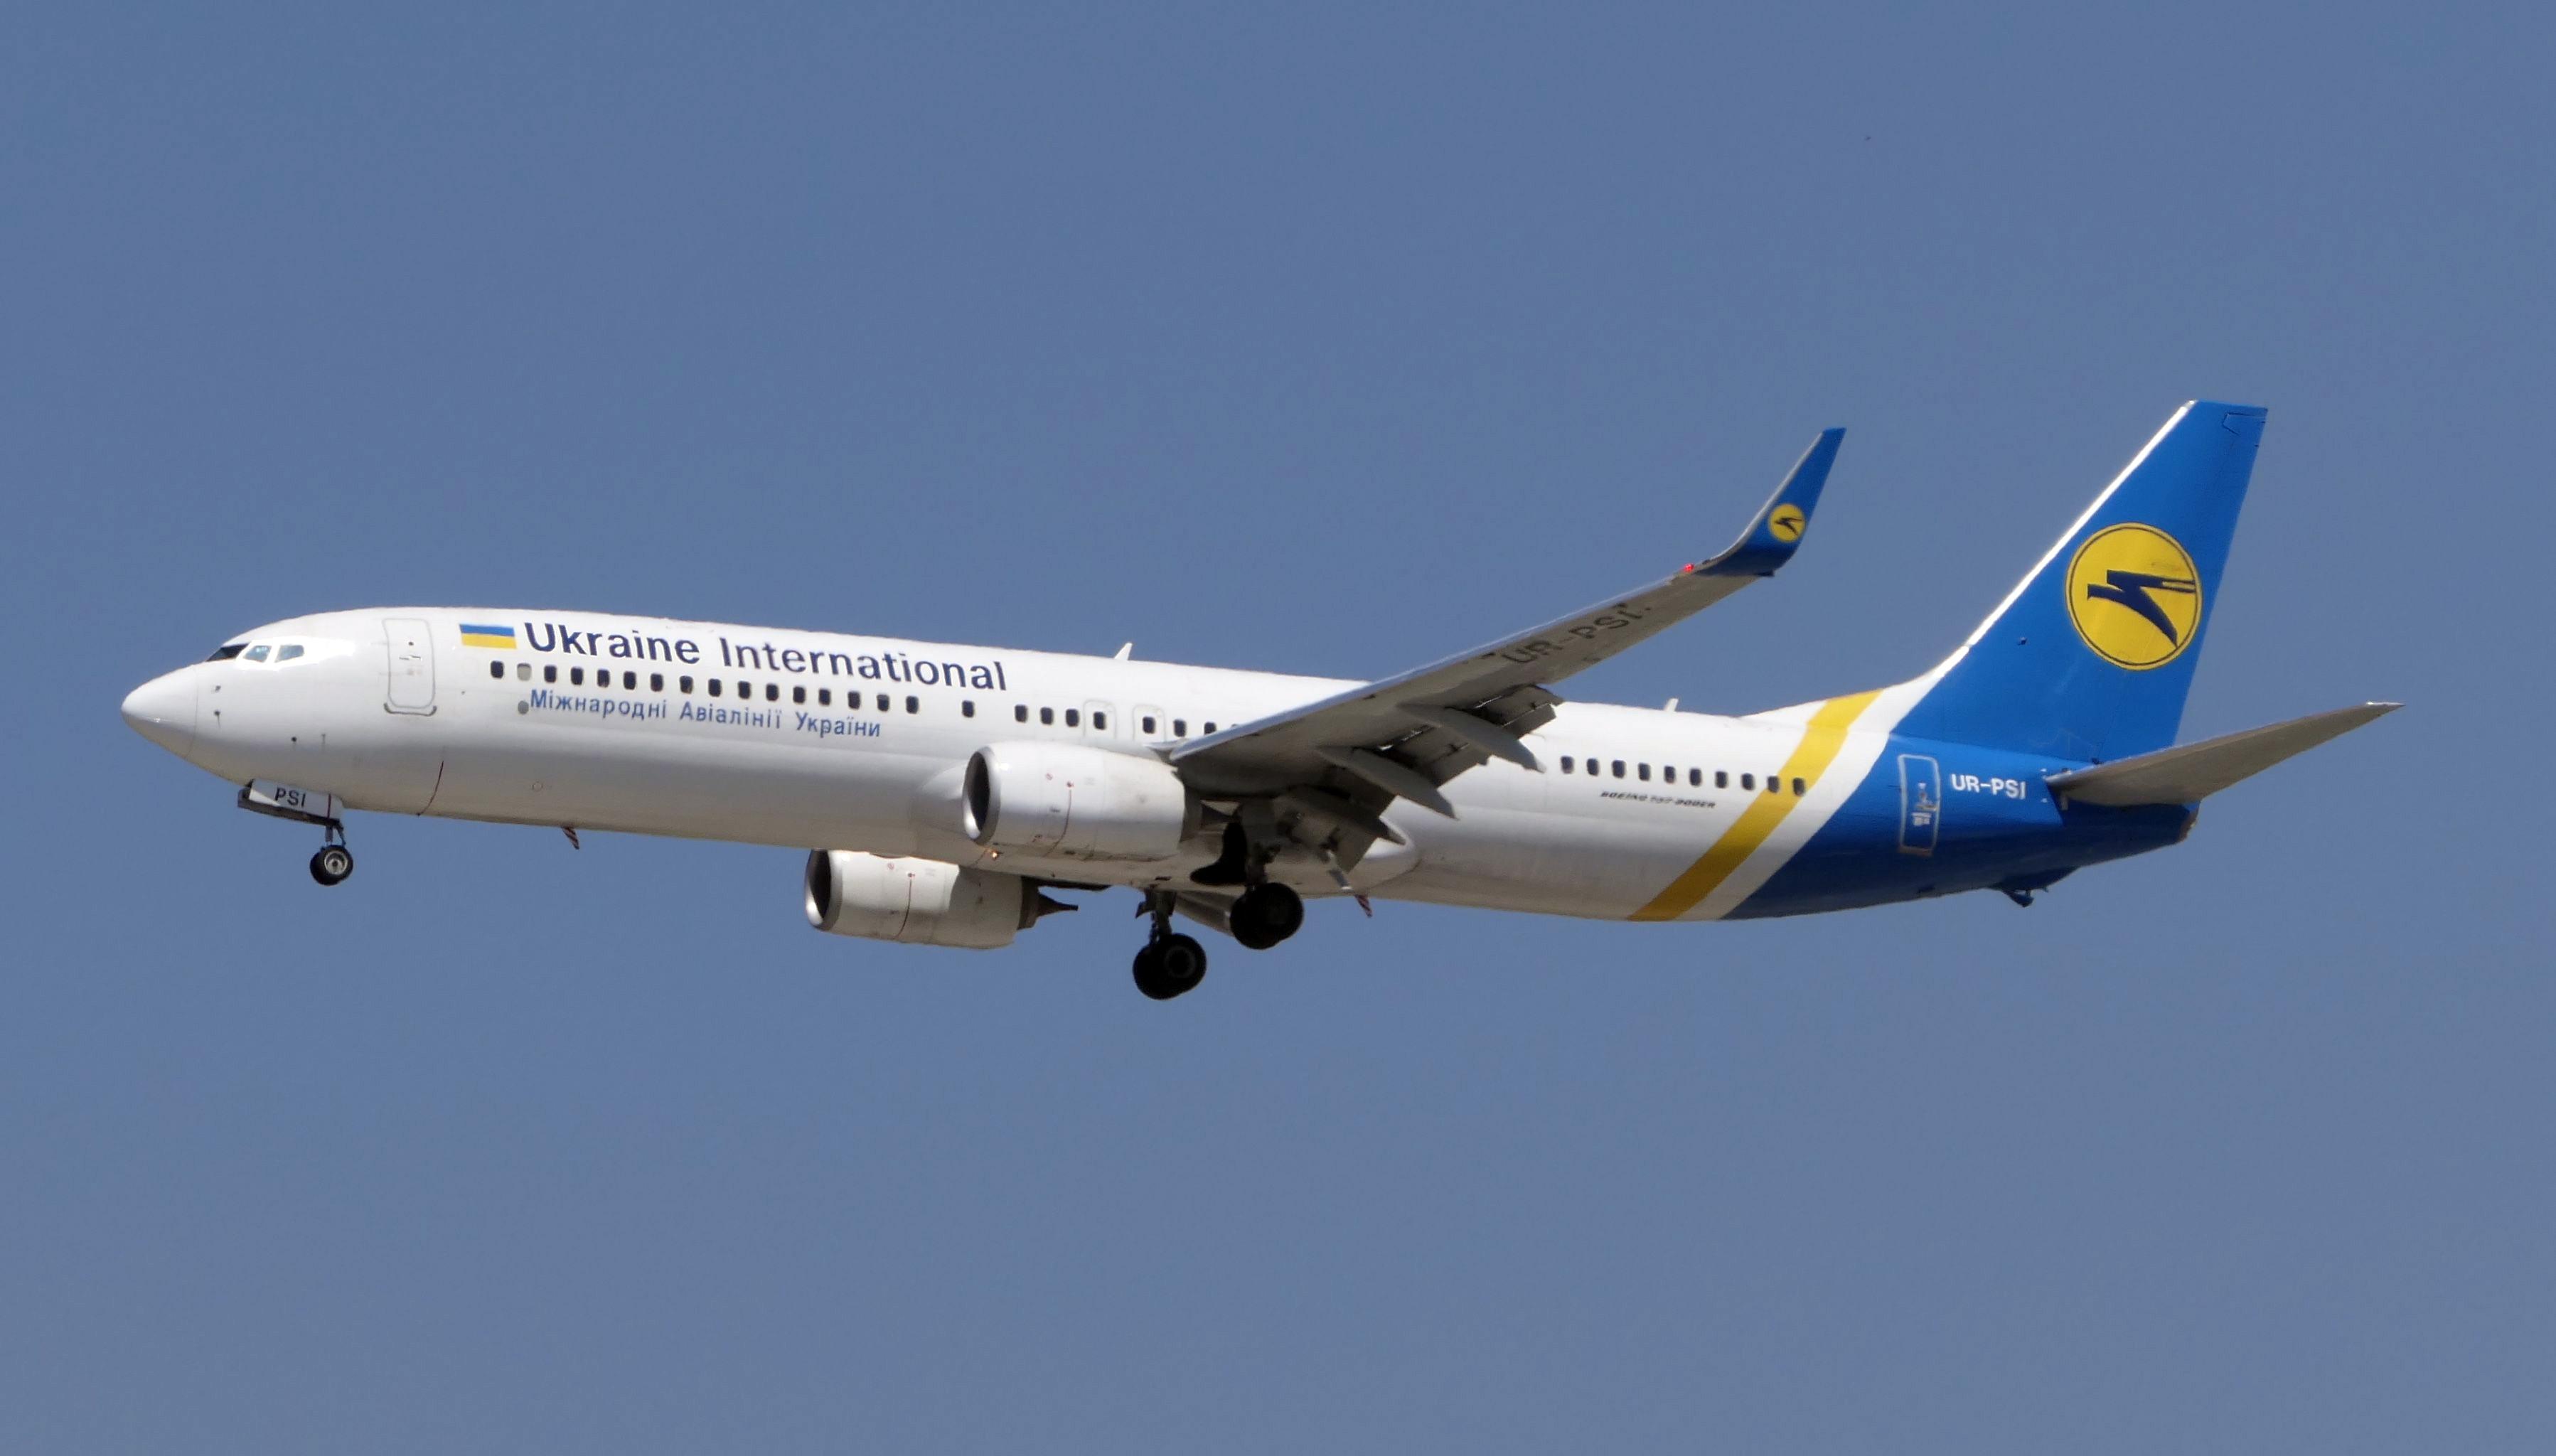 מטוס החברה יוקריין איירליינס (צילום: דני שדה)